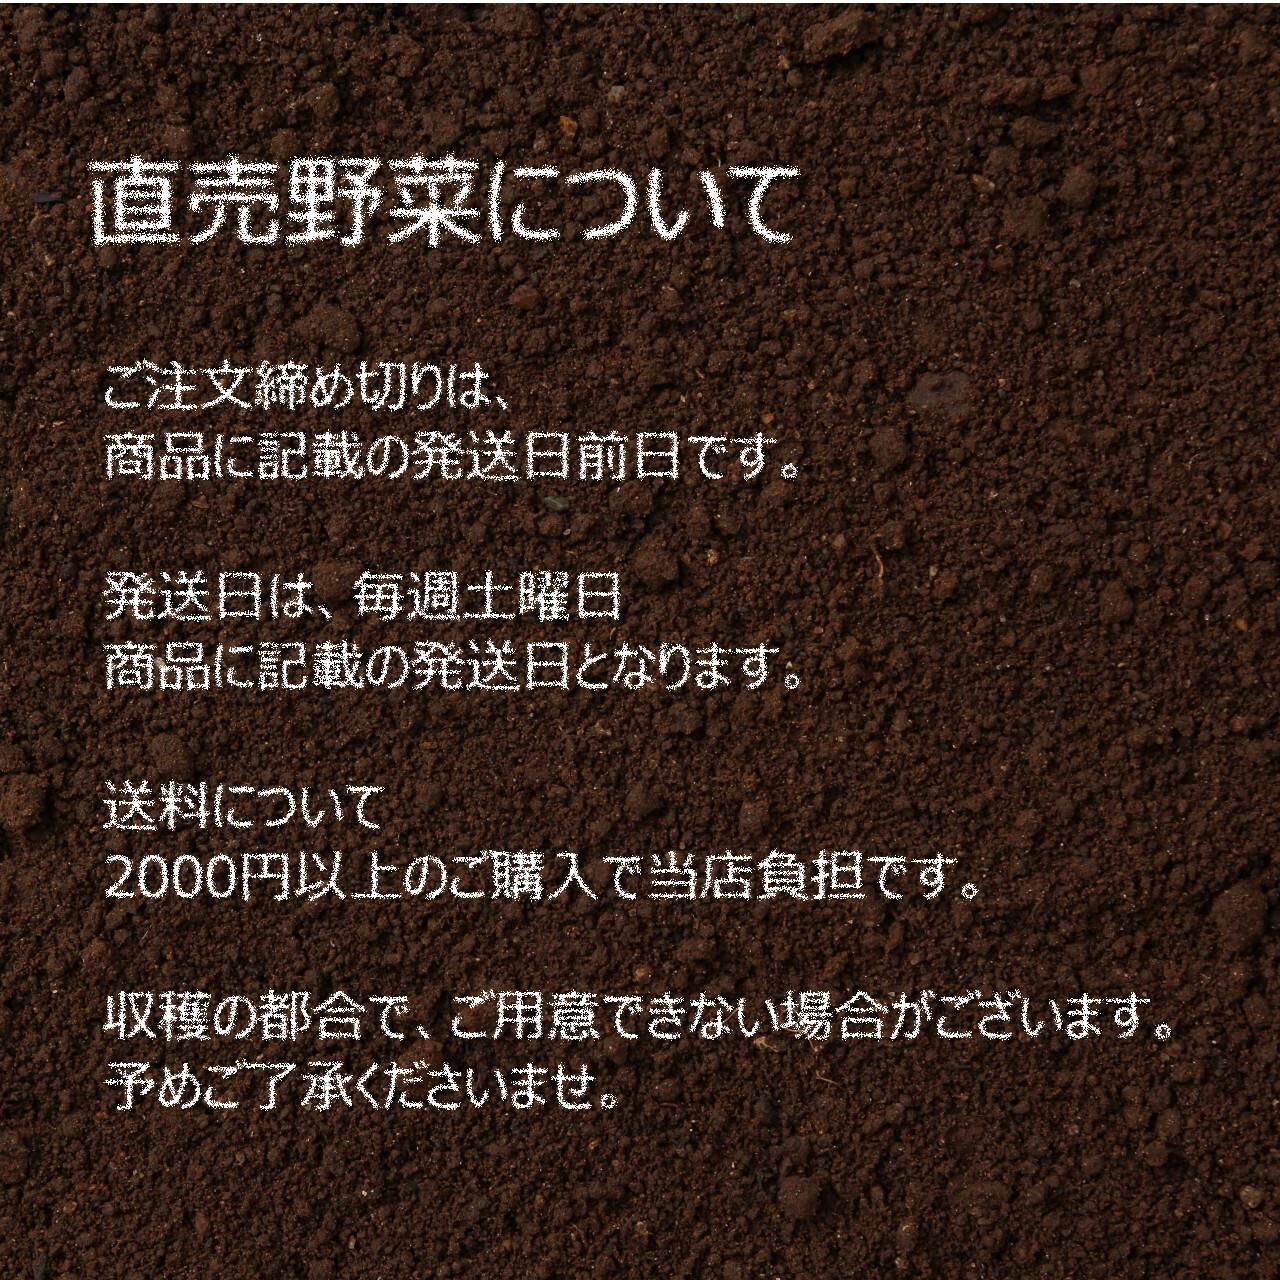 10月の朝採り直売野菜 : 里芋 約400g 新鮮な秋野菜 10月24日発送予定